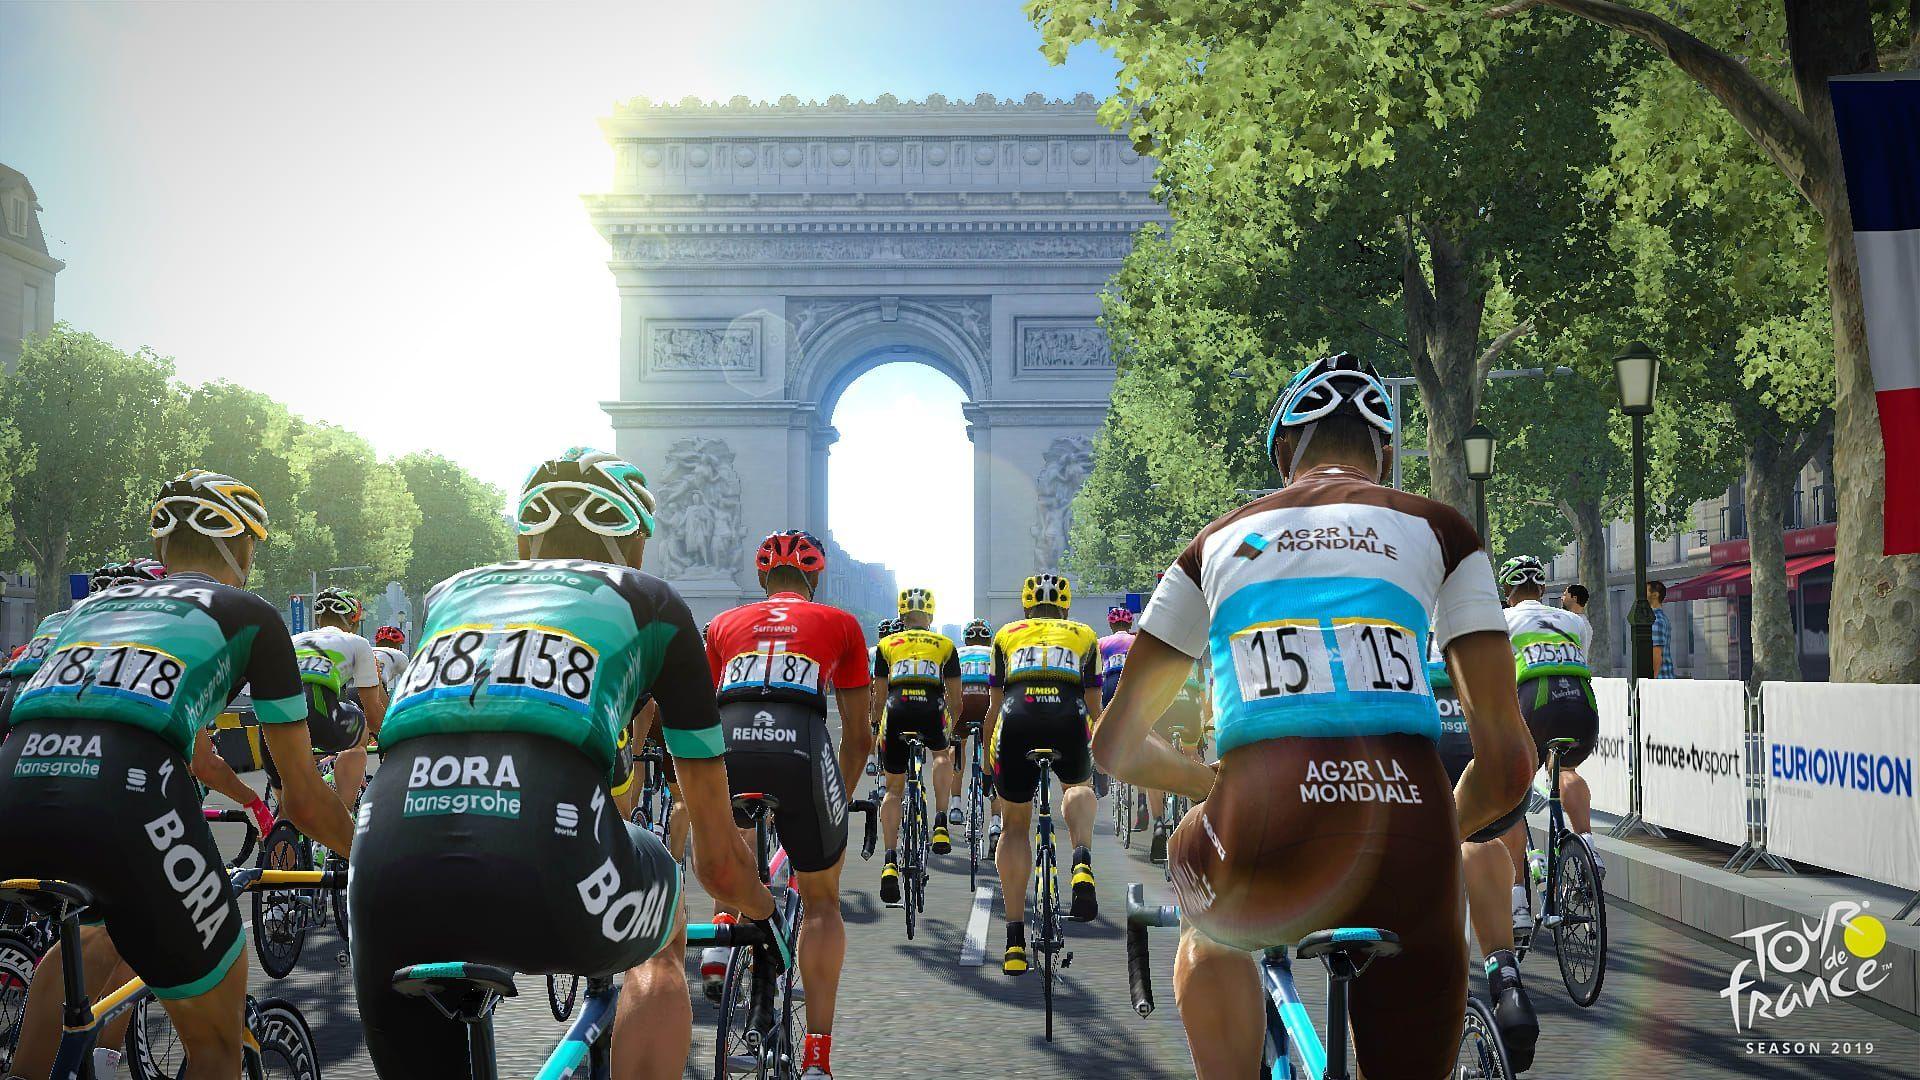 Tour De France 2019 (PS4) - 4